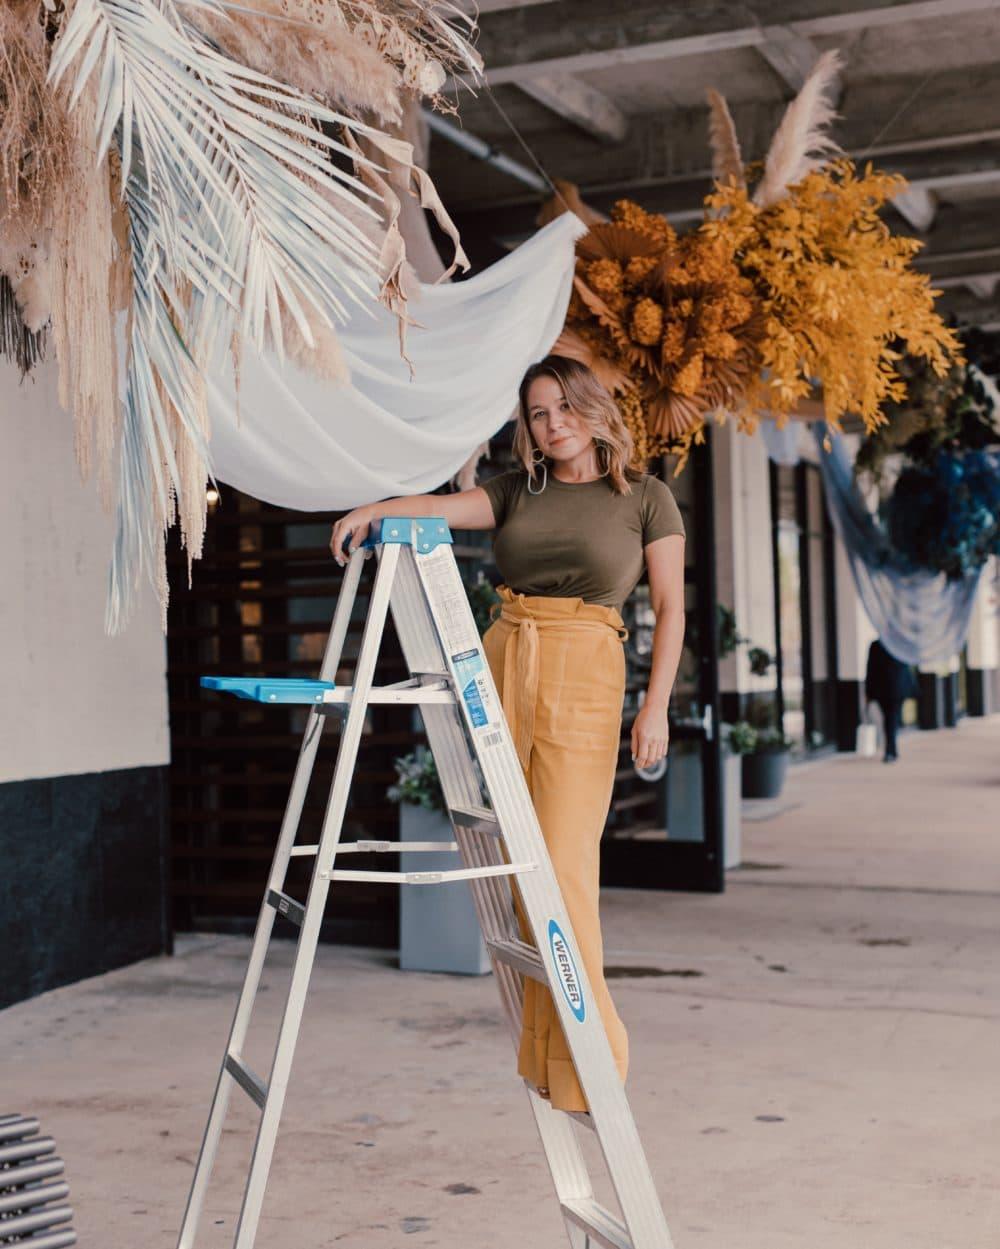 Le designer floral Krissy Price est propriétaire du Boston Pollen. (Avec la permission de Krissy Price)